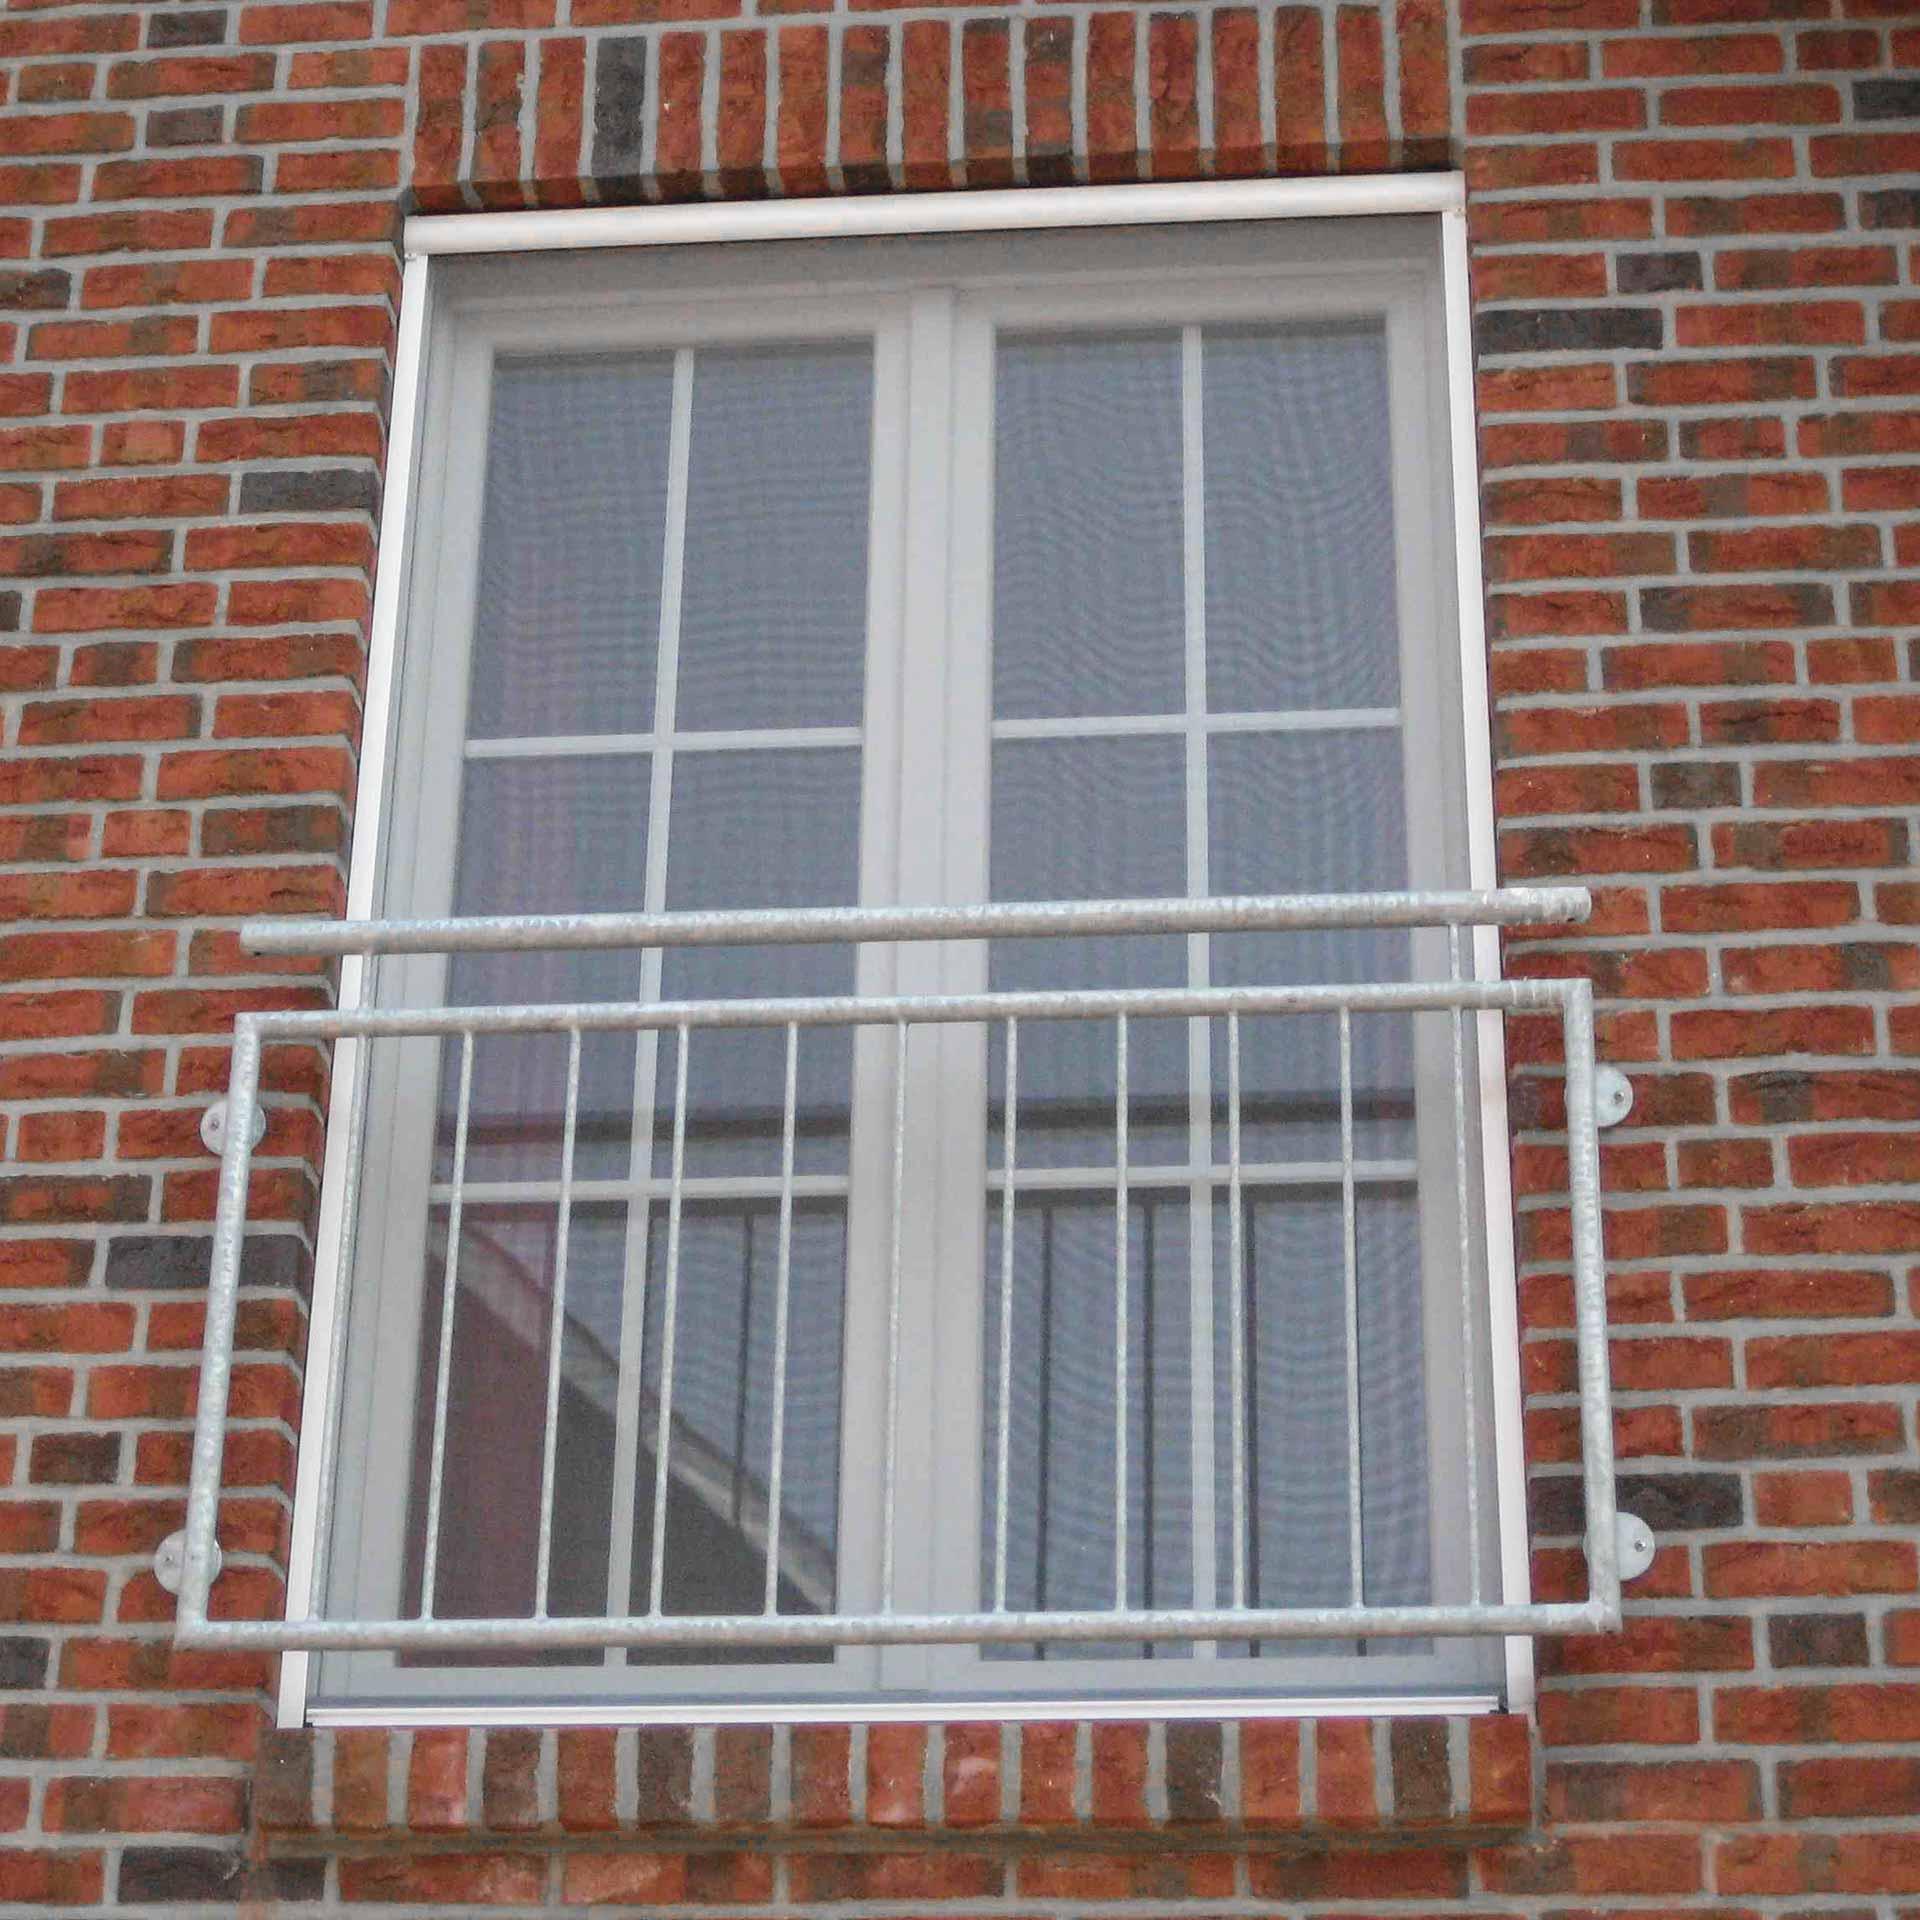 Preiswertes Insektenschutzrollo auf Maß für bodentiefe Fenster | Adria